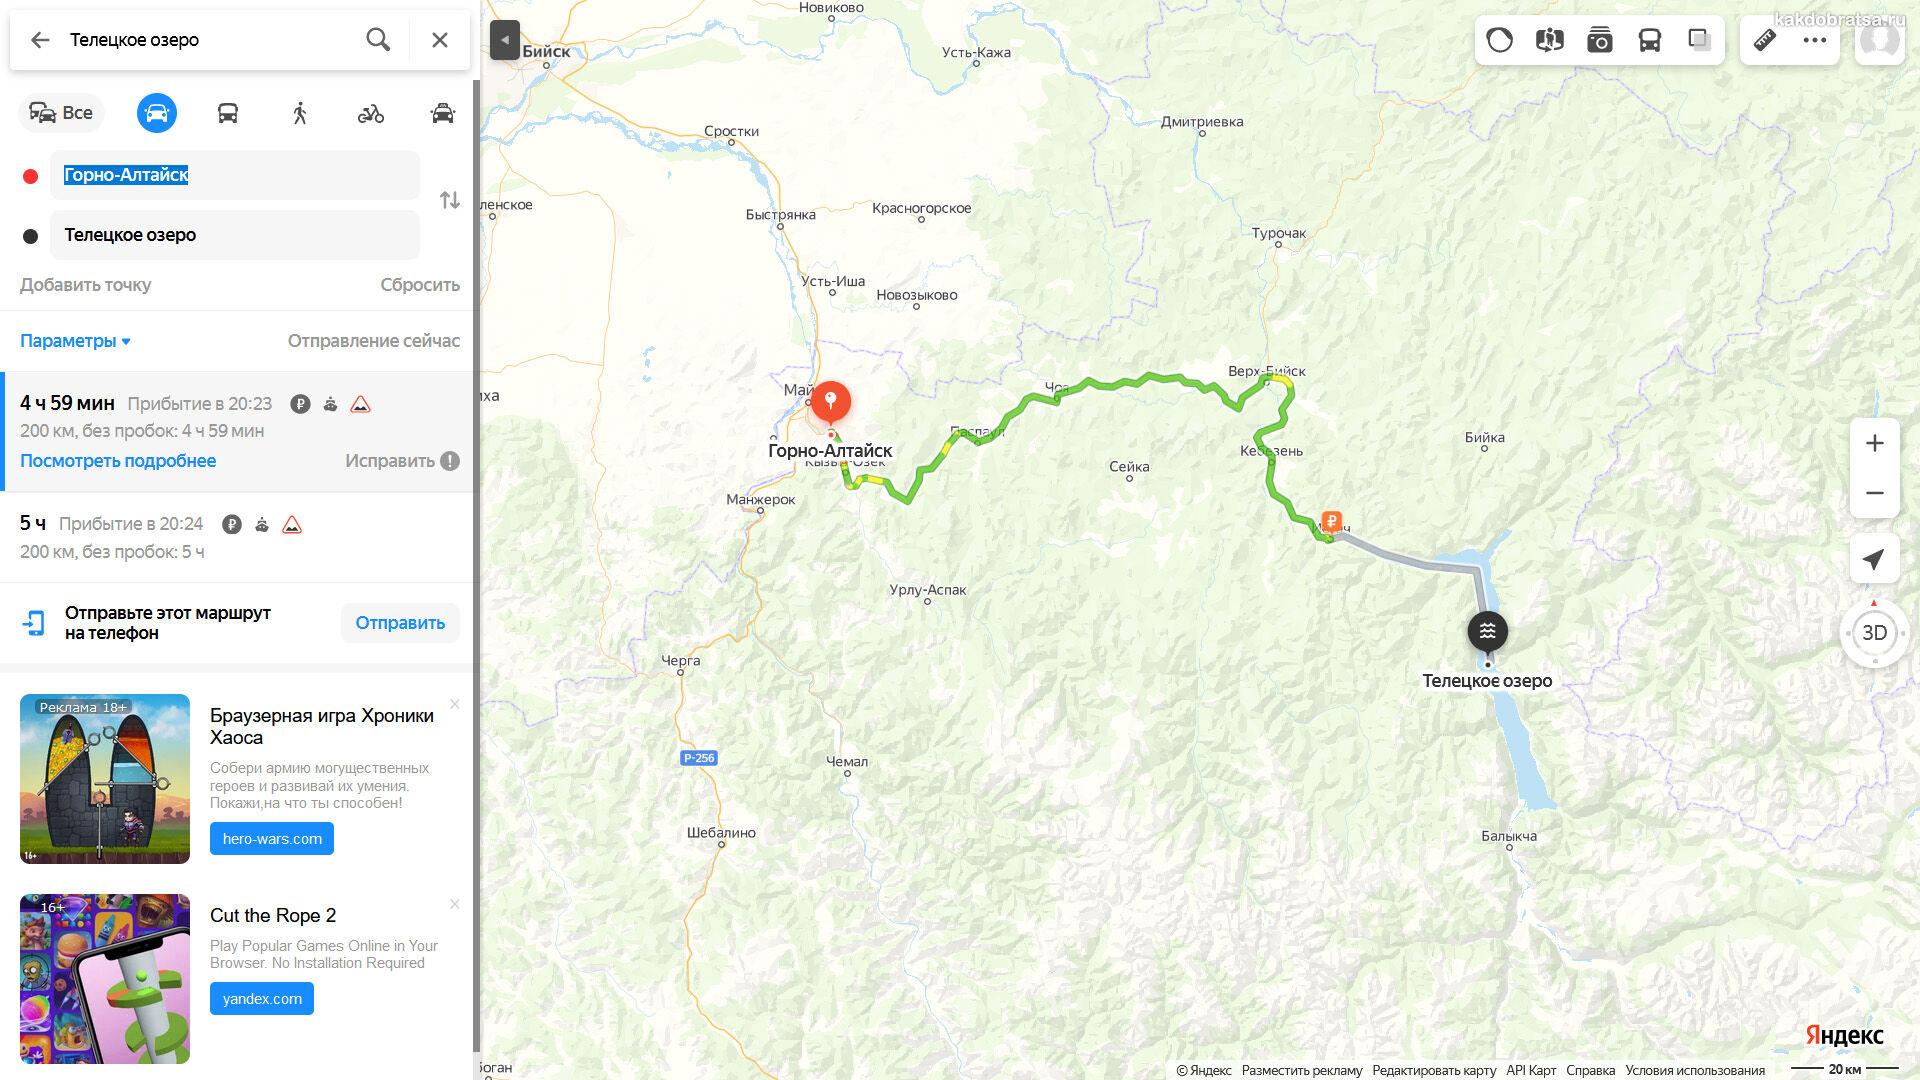 Как добраться до Телецкого озера из Горно-Алтайска